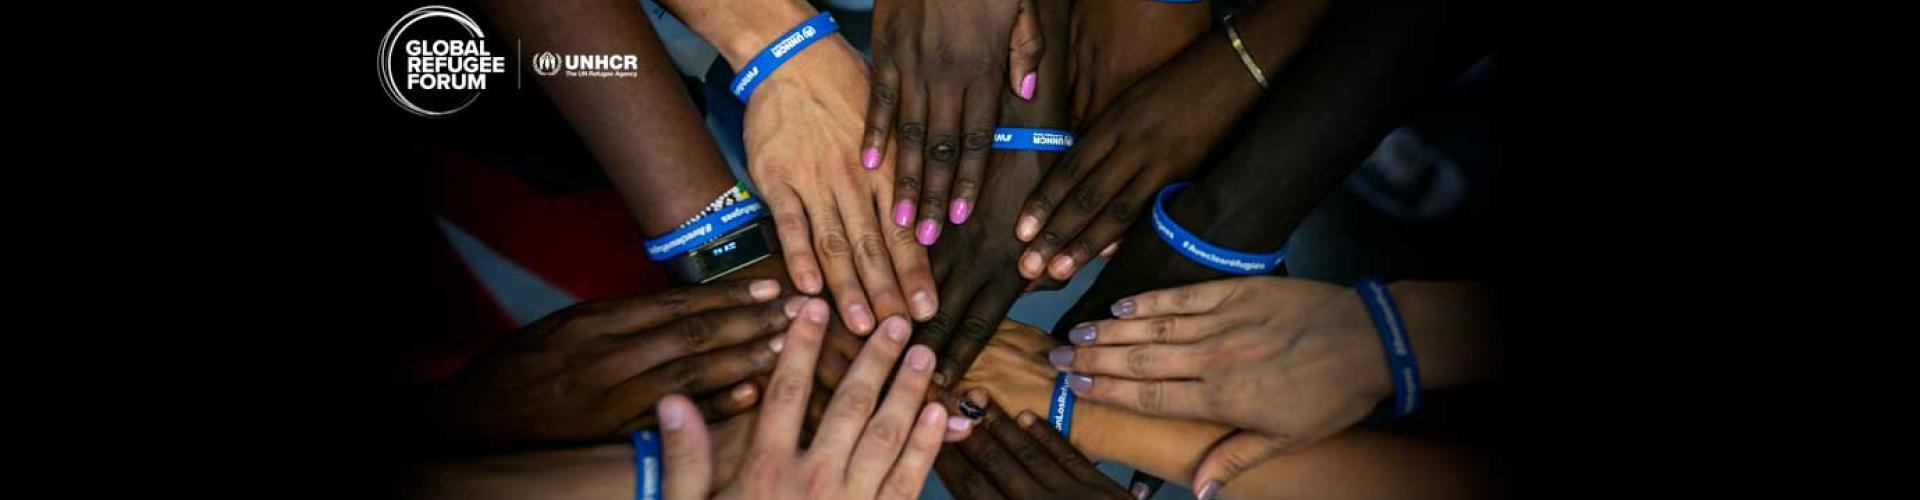 การจัดประชุมระดับโลกครั้งแรกว่าด้วยเรื่องผู้ลี้ภัย จัดขึ้นในวันที่ 17 และ 18 ธันวาคม พ.ศ. 2562 ณ ปาเล เด นาซีออง นครเจนีวา